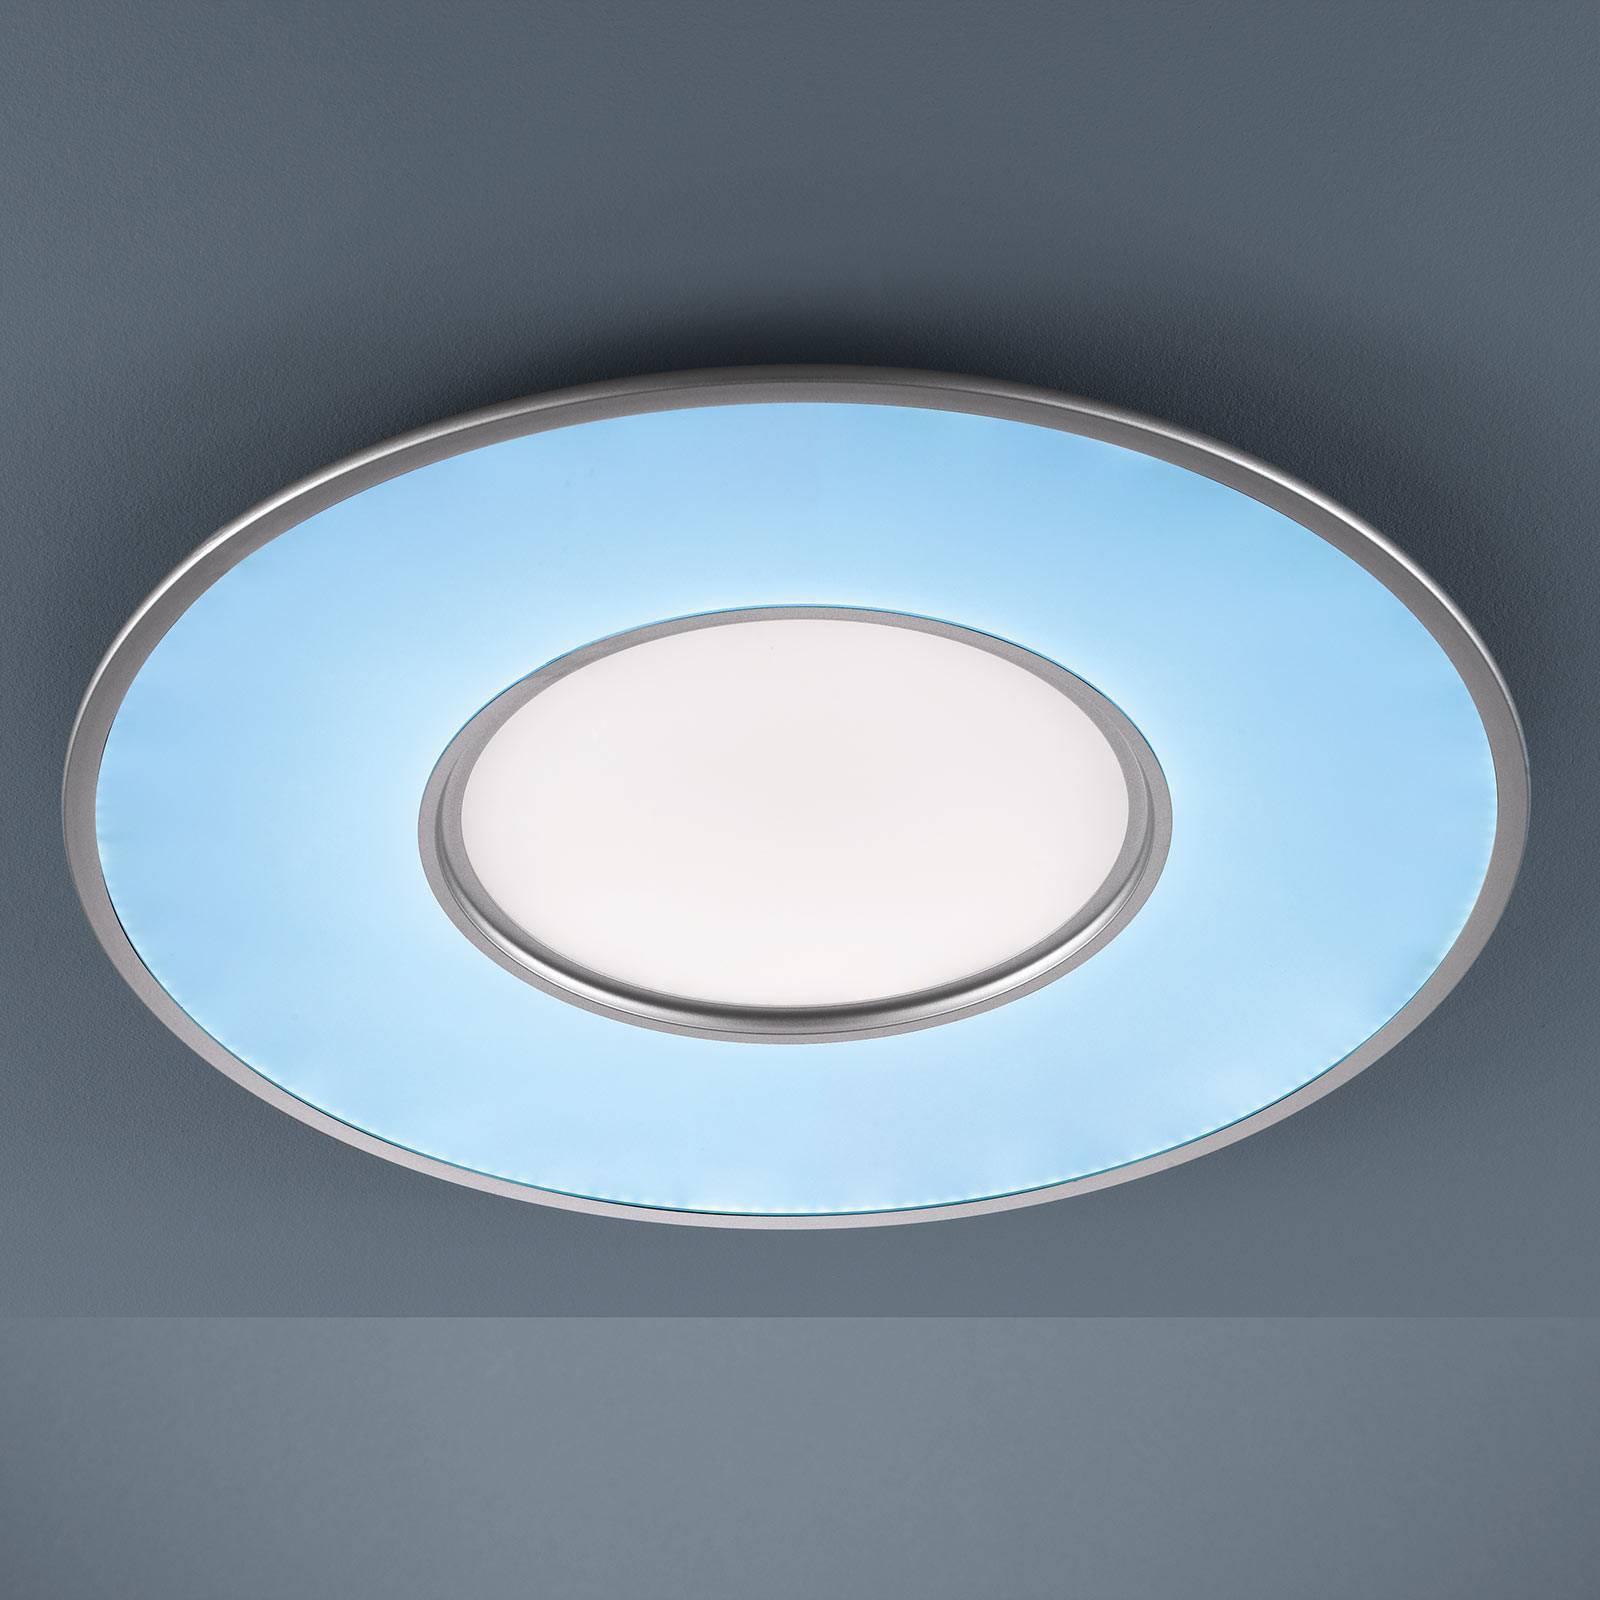 LED-taklampe Mia med CCT-funksjon og fjernkontroll